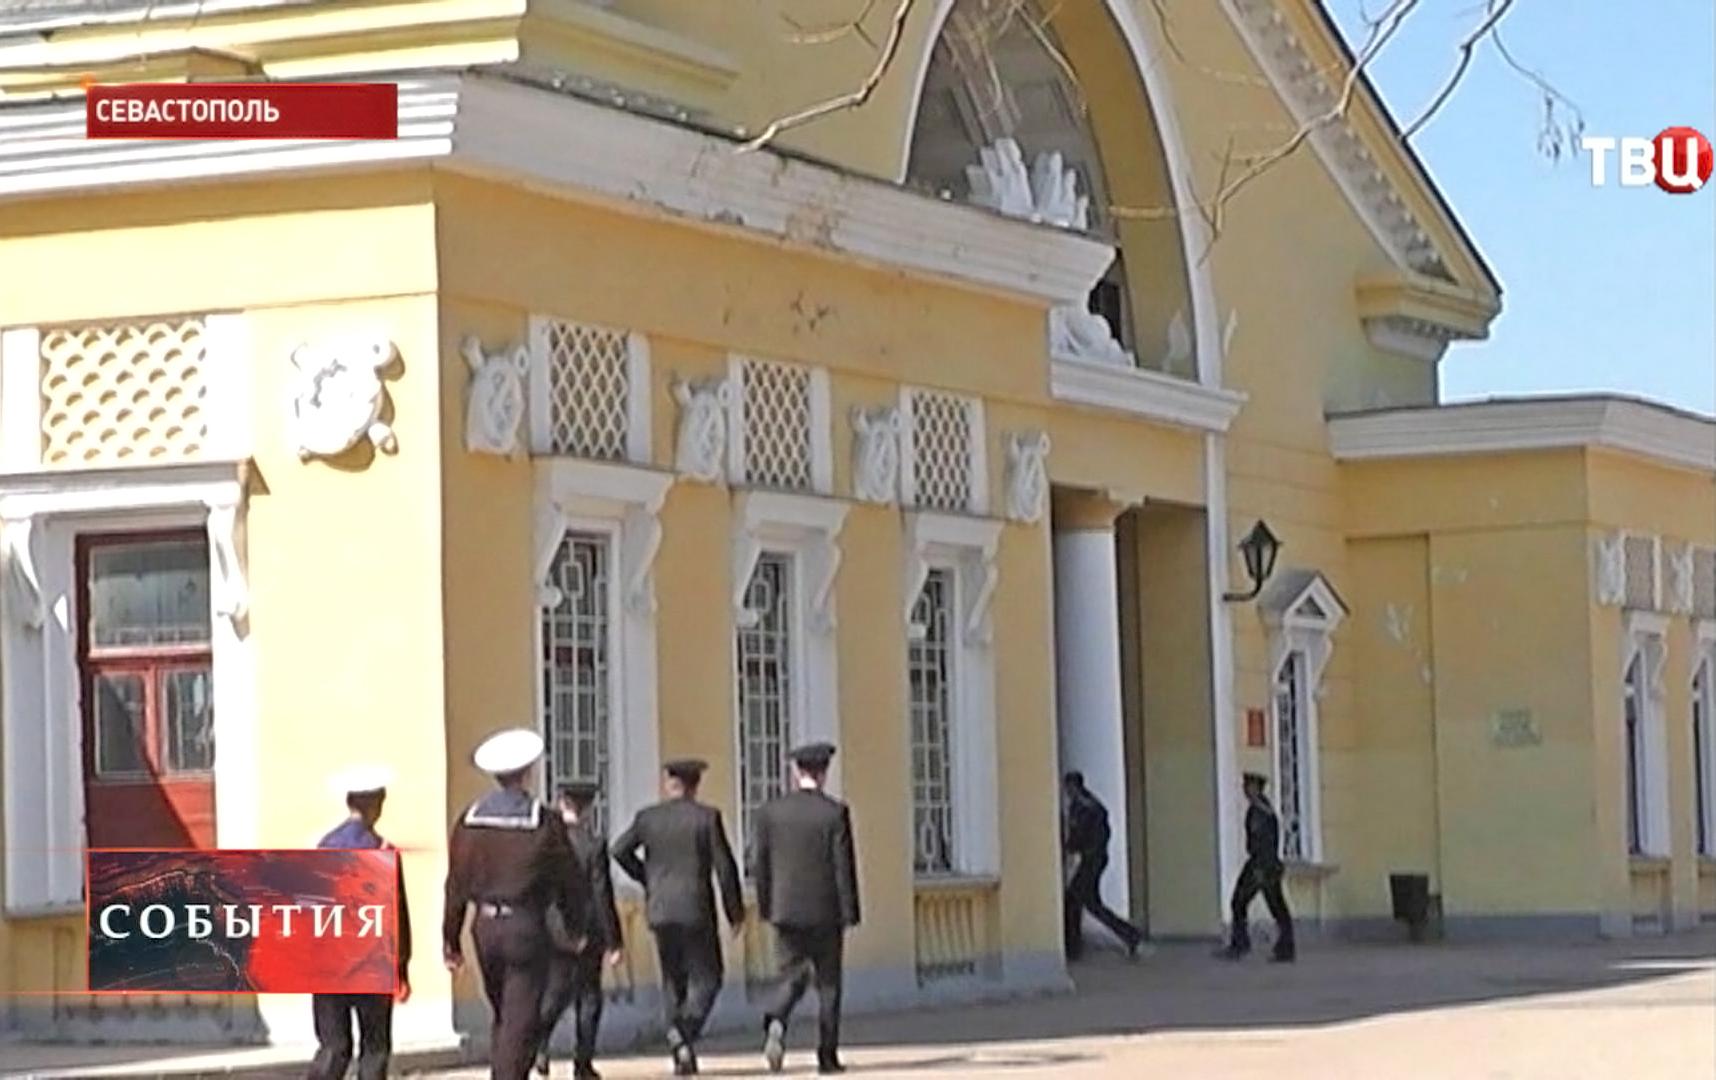 Военно-морское училище в Севастополе